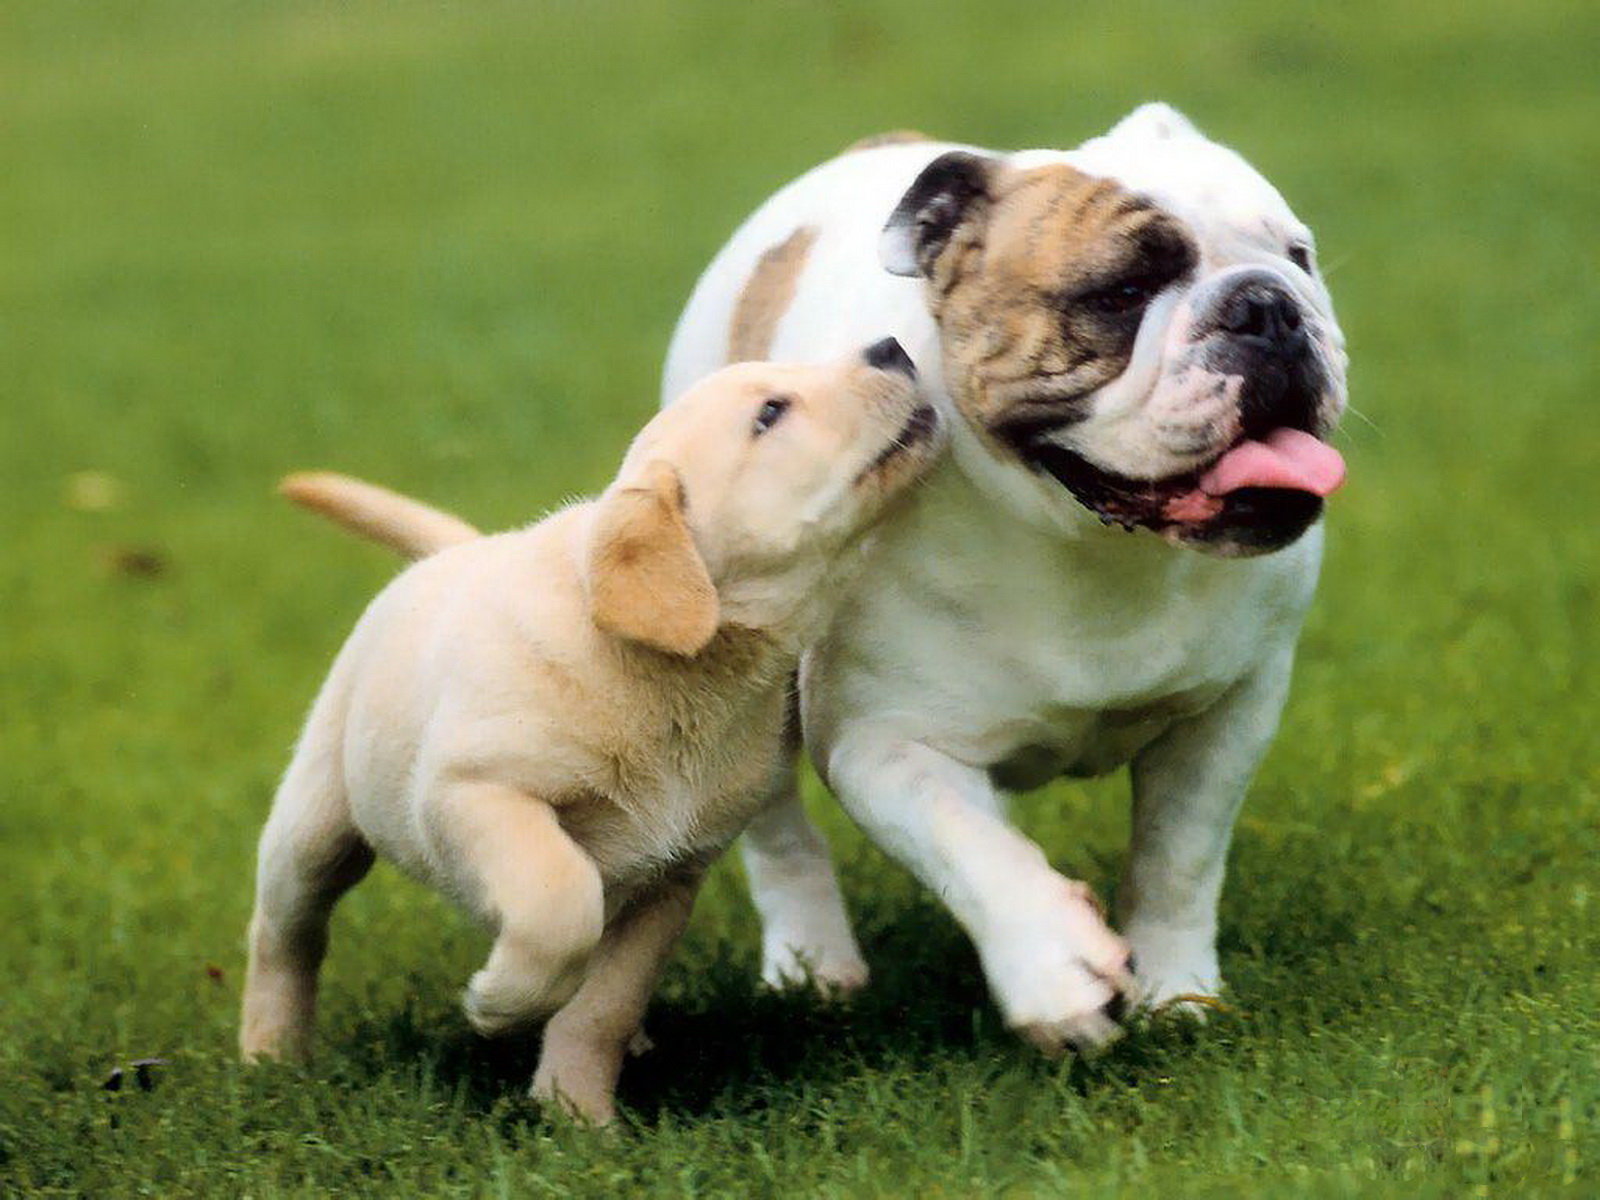 http://1.bp.blogspot.com/-268Ov-zq6XU/Tyw8Sls1G6I/AAAAAAAAA2c/vX5T84PjtdQ/s1600/15-Cute+Dog+1600x1200.jpg